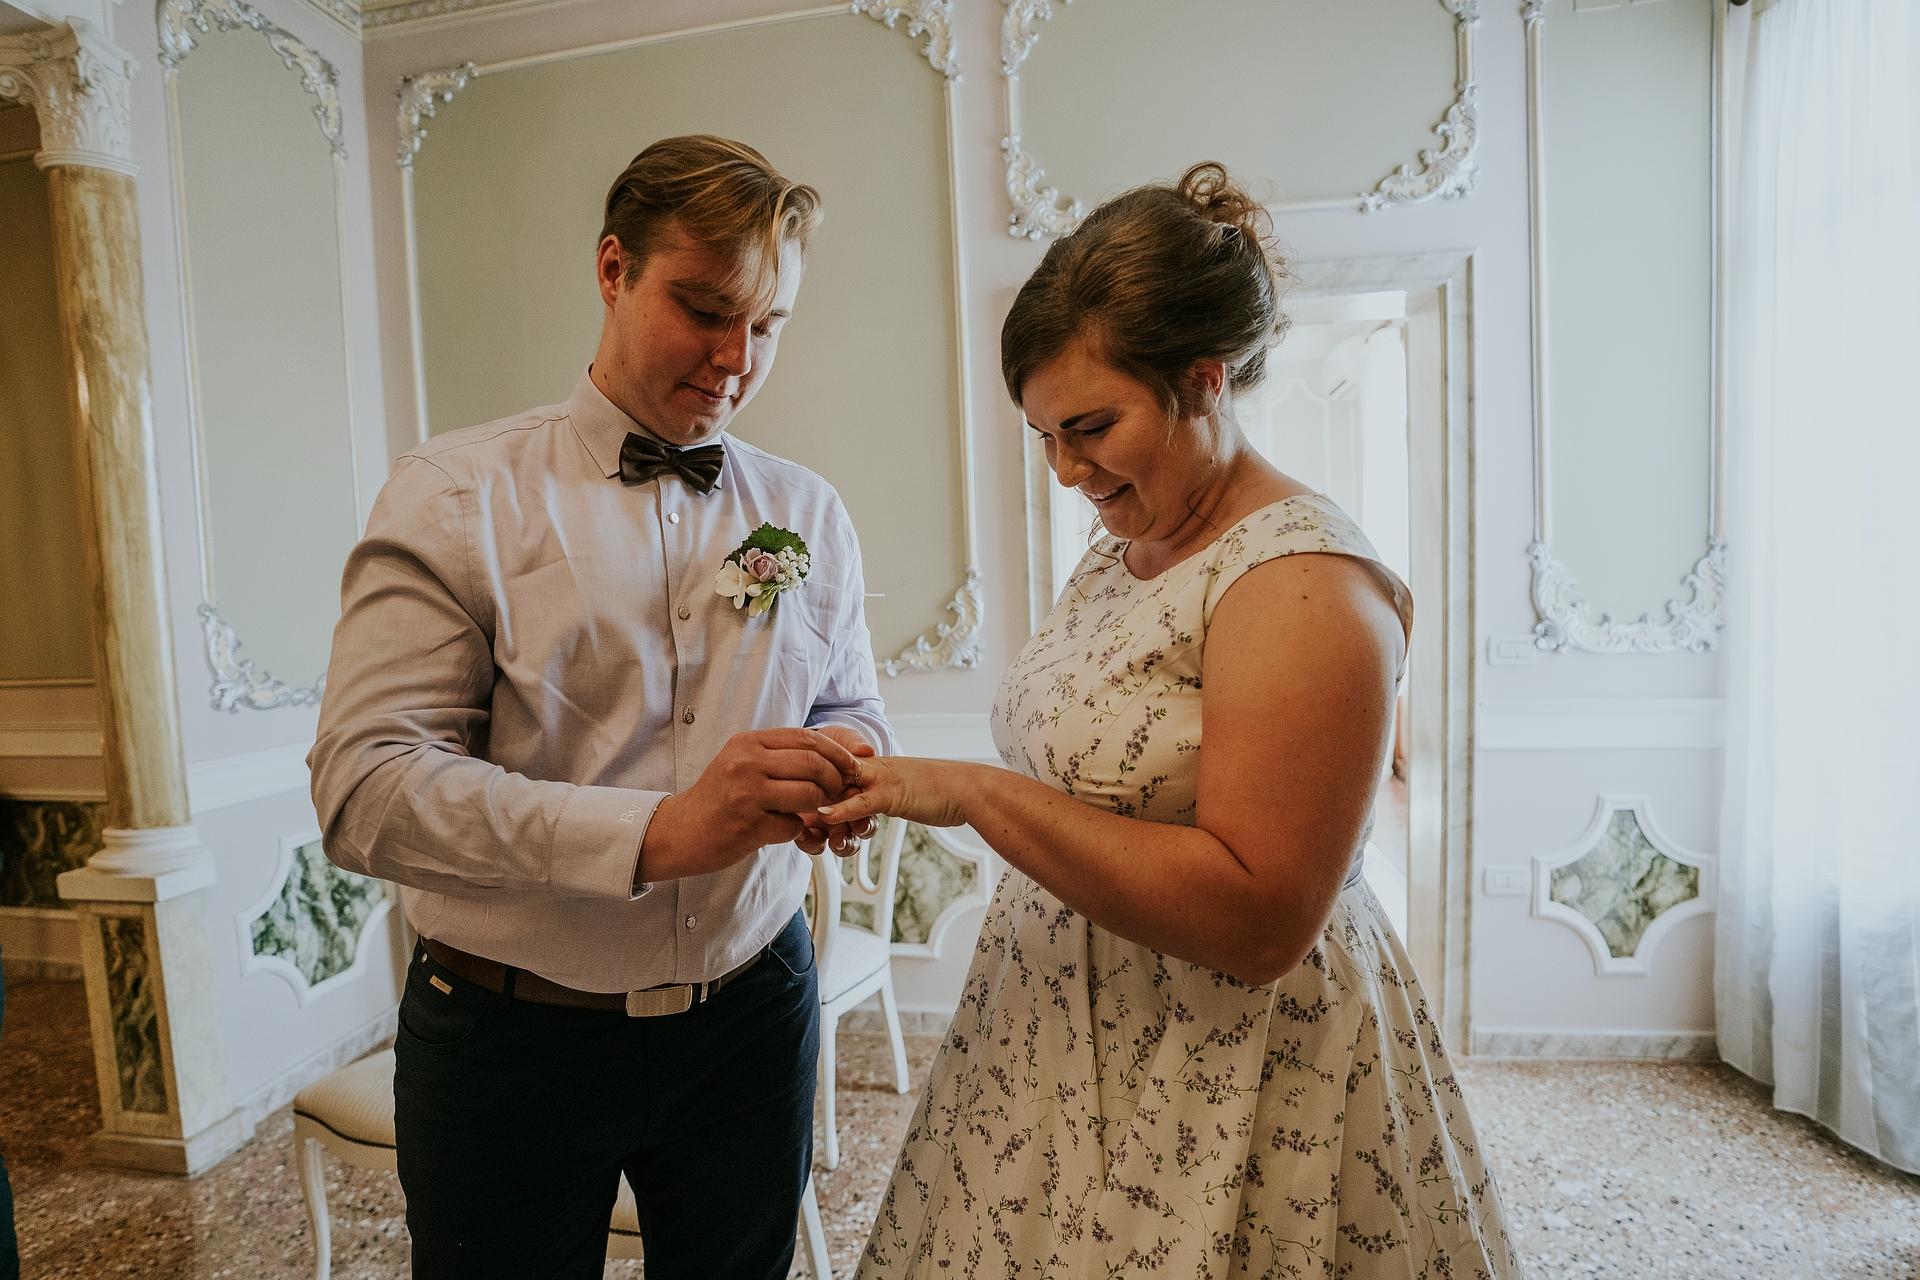 Image de la cérémonie de l'anneau de fiançailles du Palazzo Goldoni | L'échange intime des anneaux